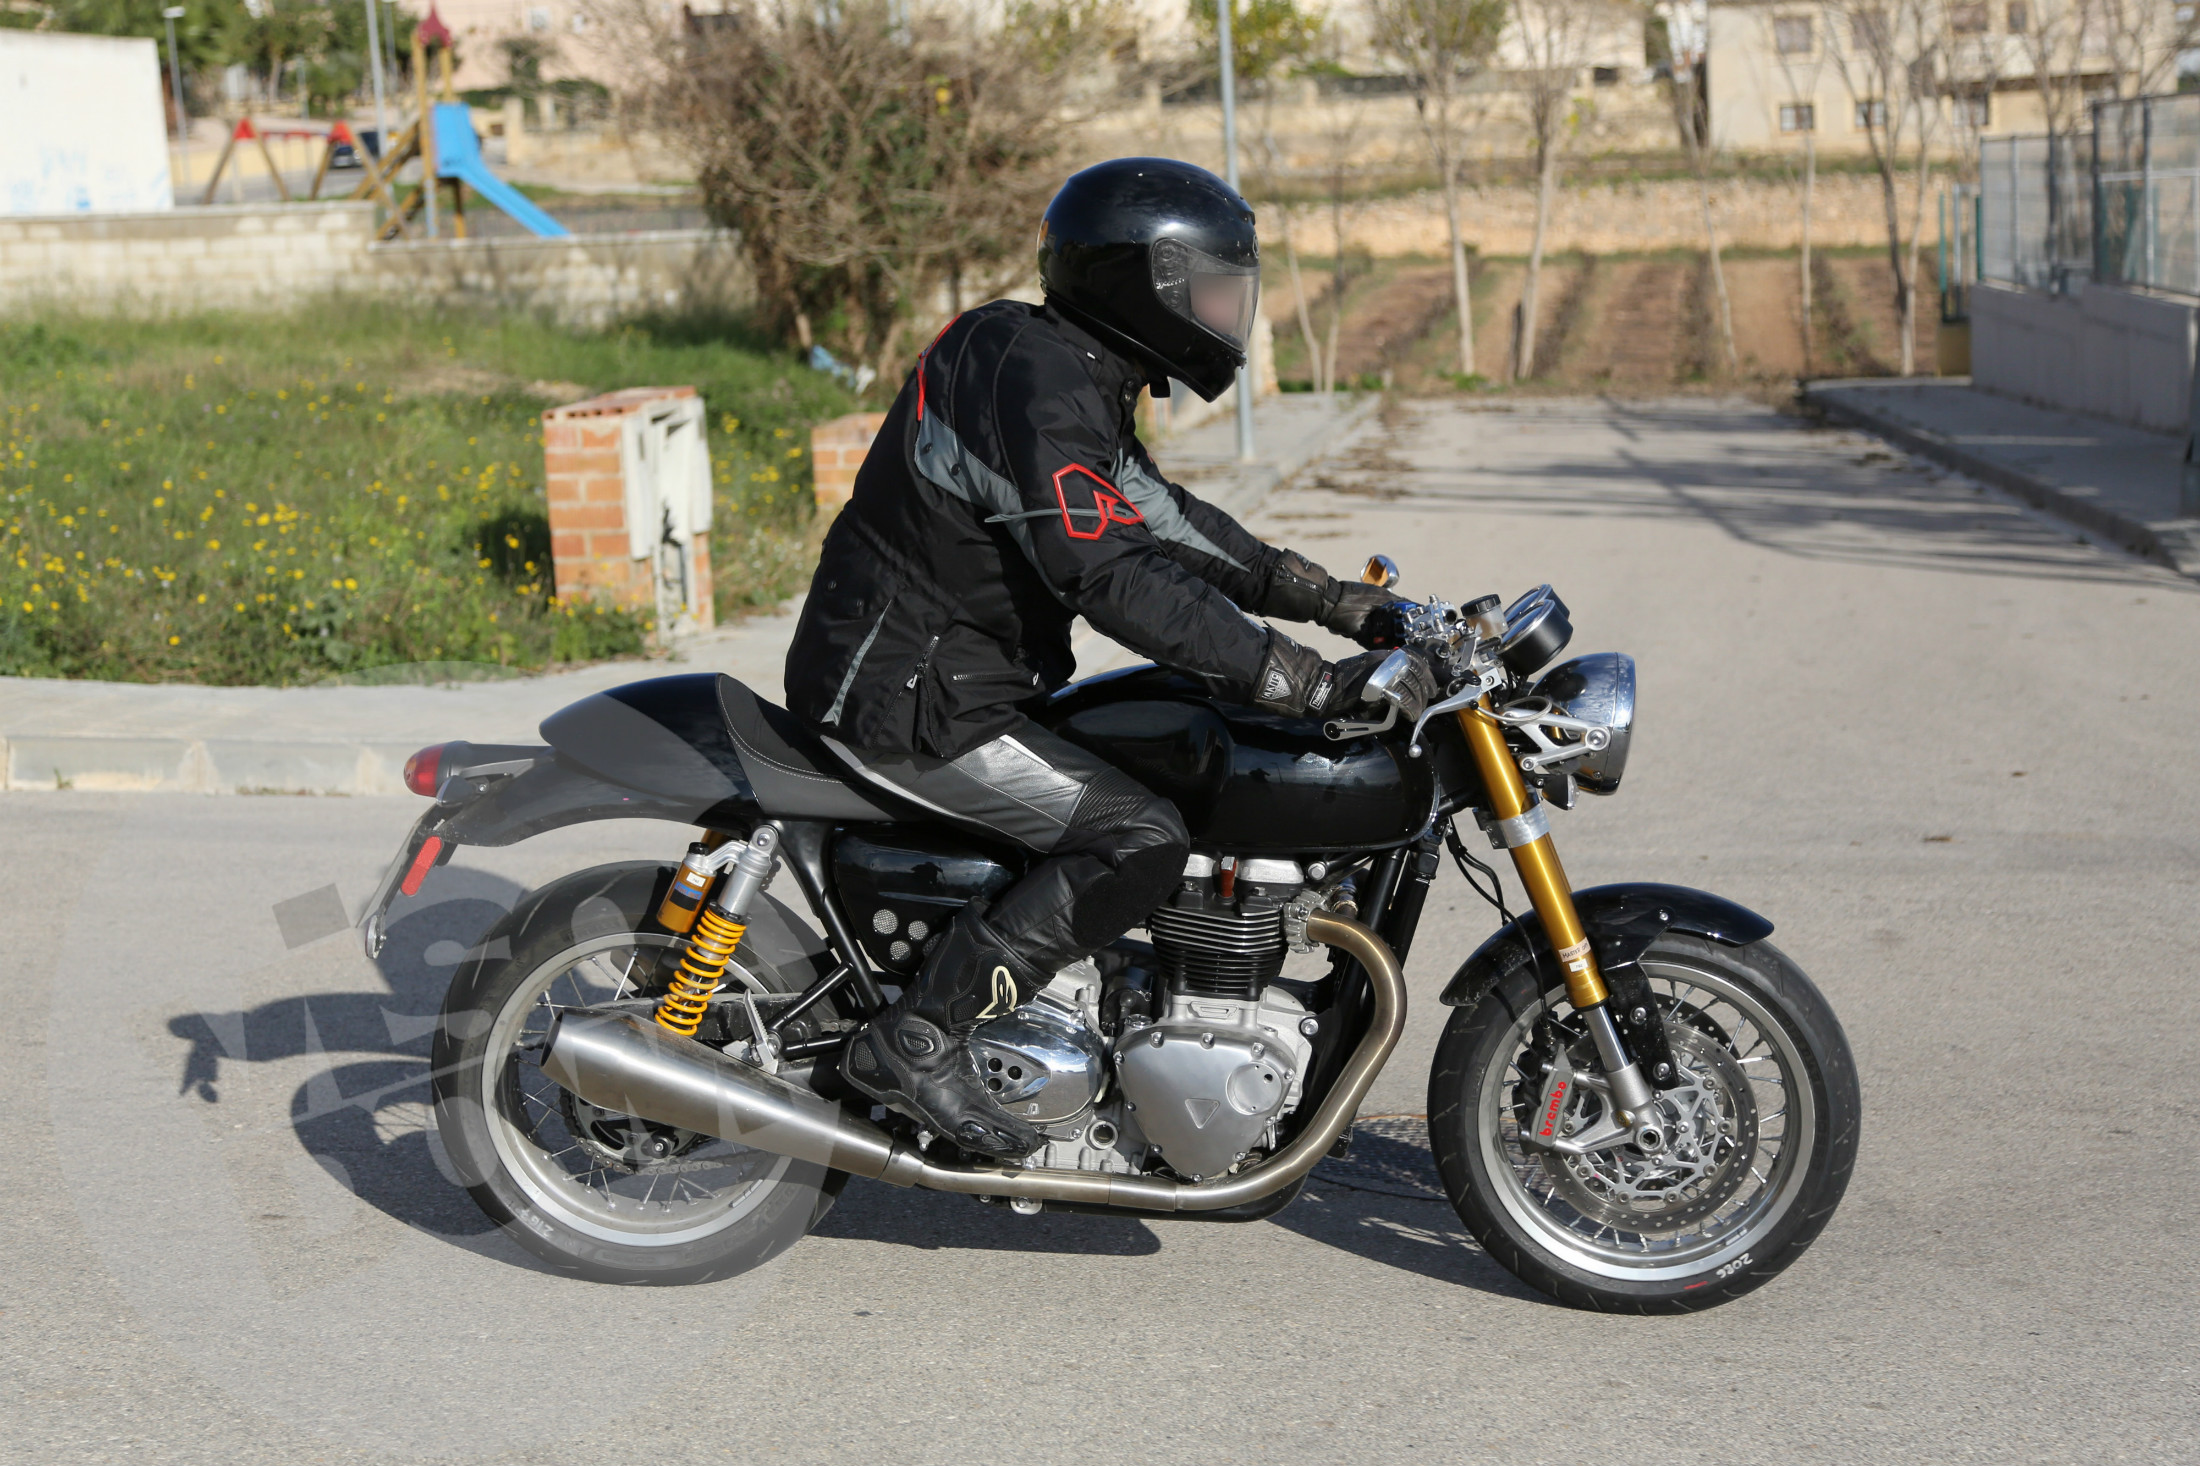 New 1100cc Triumph café racer spied testing